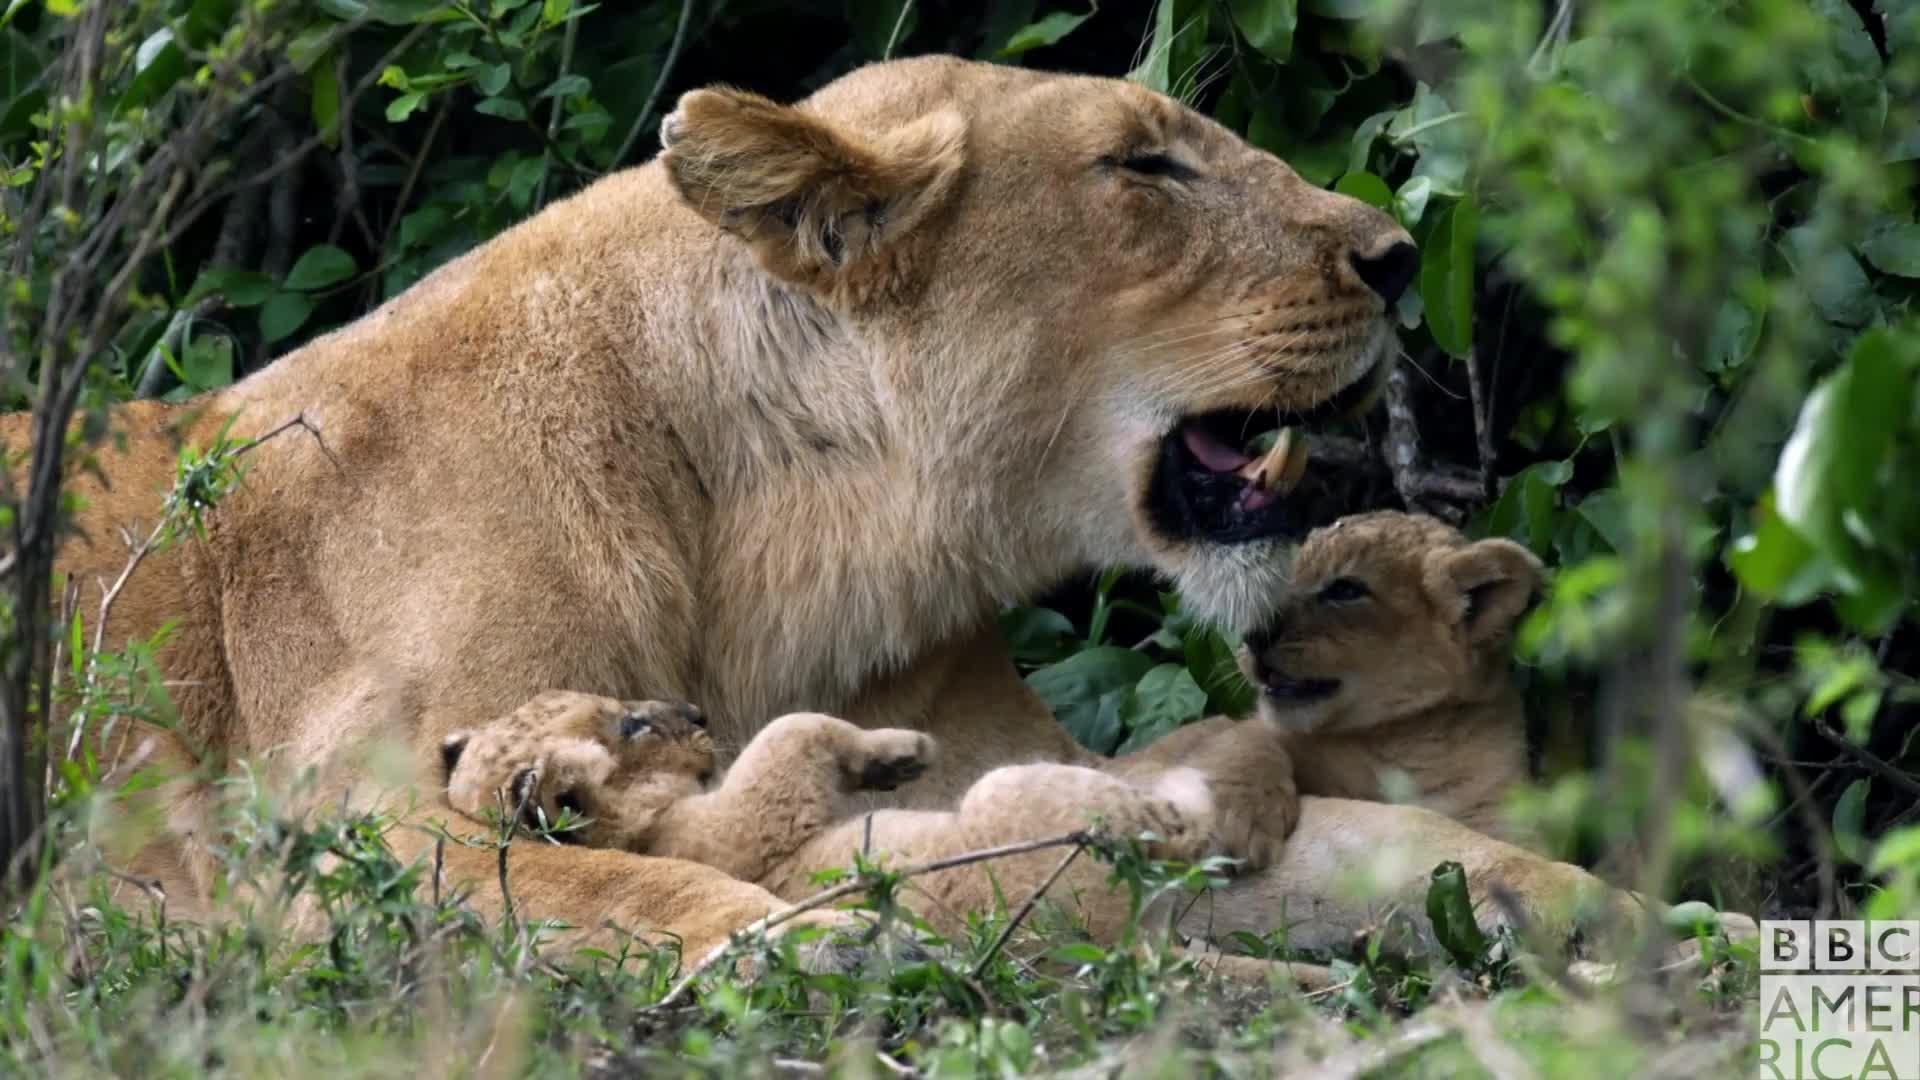 animal, animals, awww, bbc america, bbc america: dynasties, dynasties, lion, lions, sleep, sleepy, tired, wake up, zzz, Dynasties Sleepy Lions GIFs